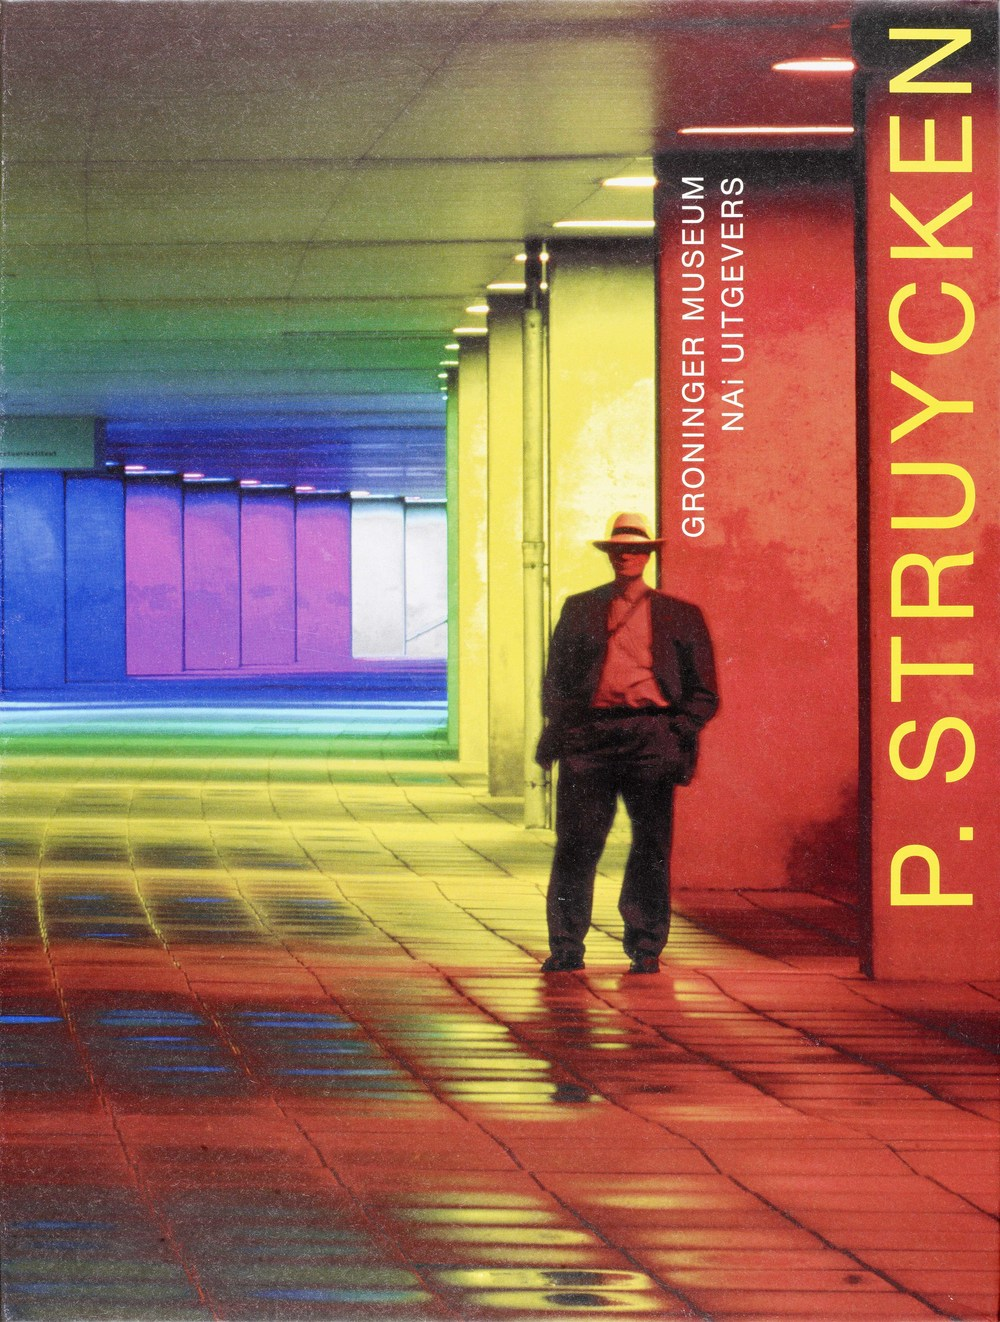 2007_Pstruyken.jpg